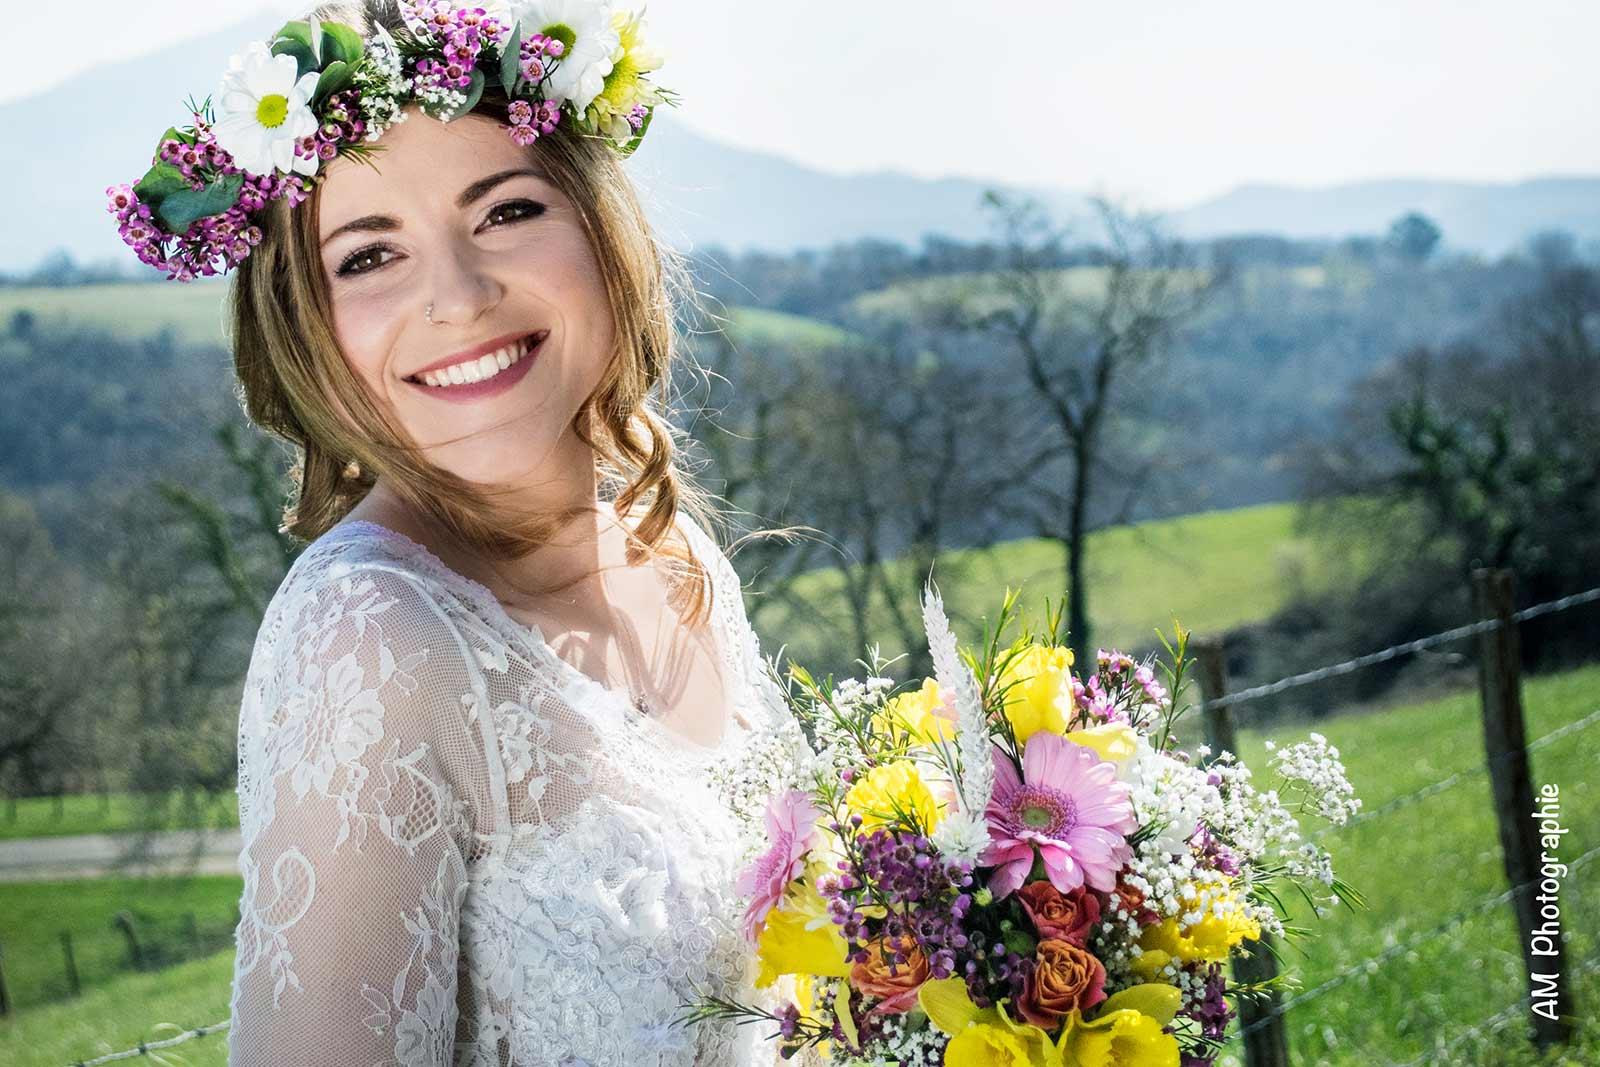 Robe Amaïa par La petite mariée de sopite créateur de robes de mariées au Pays basque